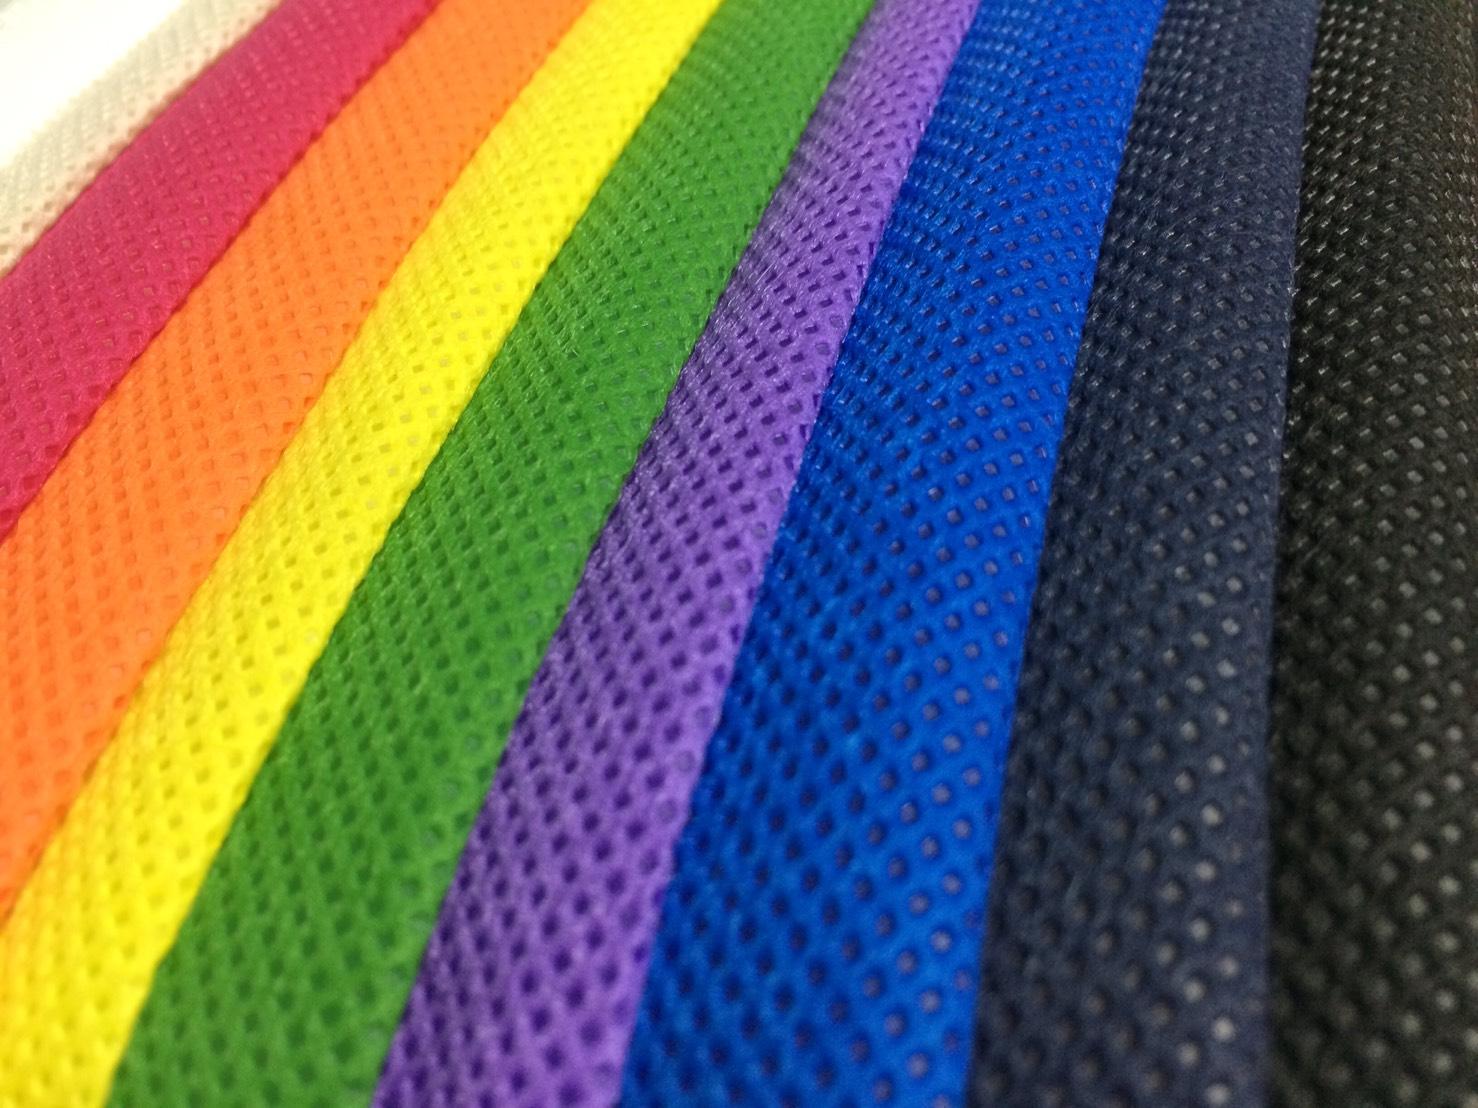 Vải không dệt ngày càng được sử dụng rộng rãi